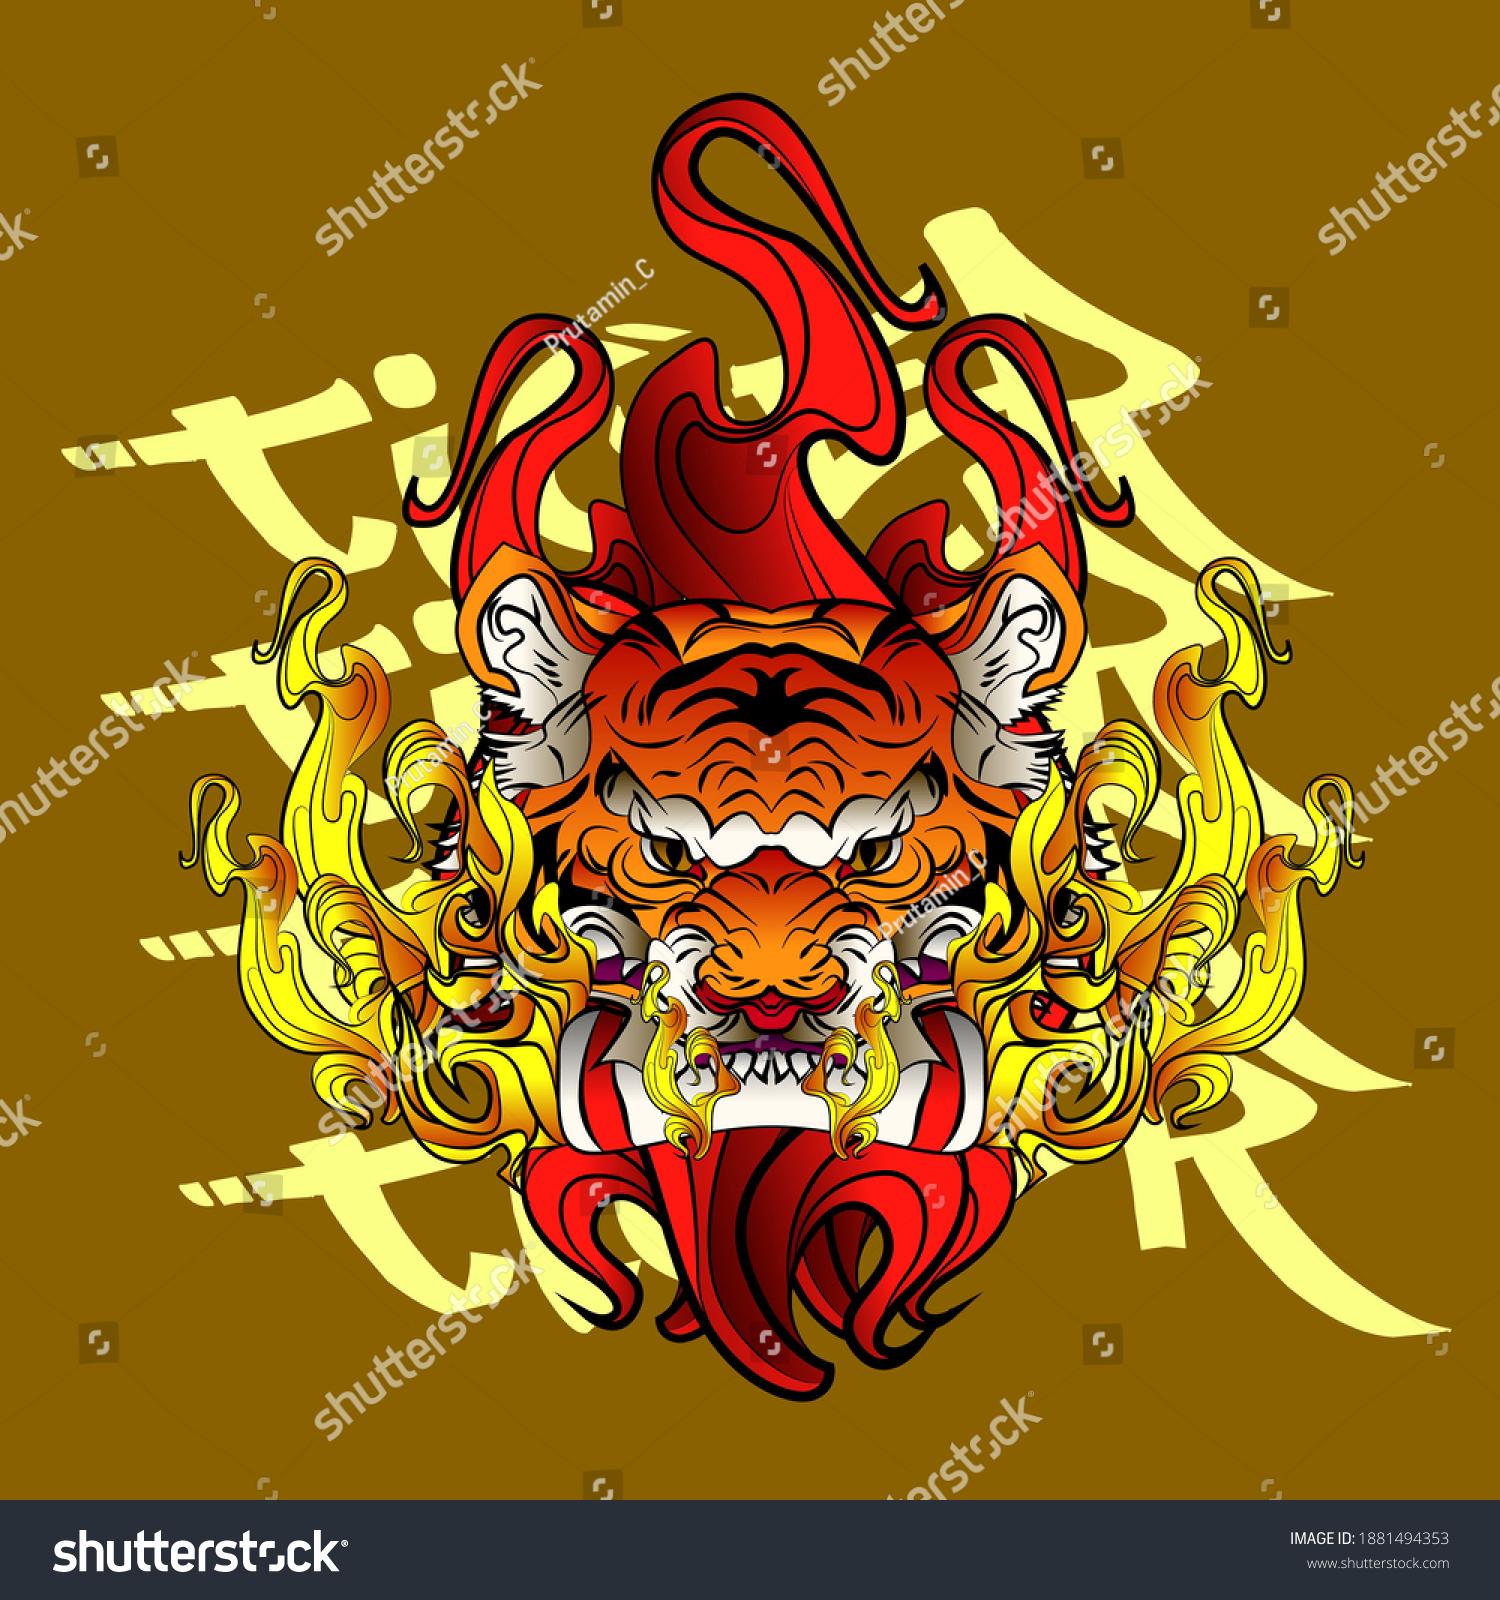 stock-vector-tiger-head-illustration-des